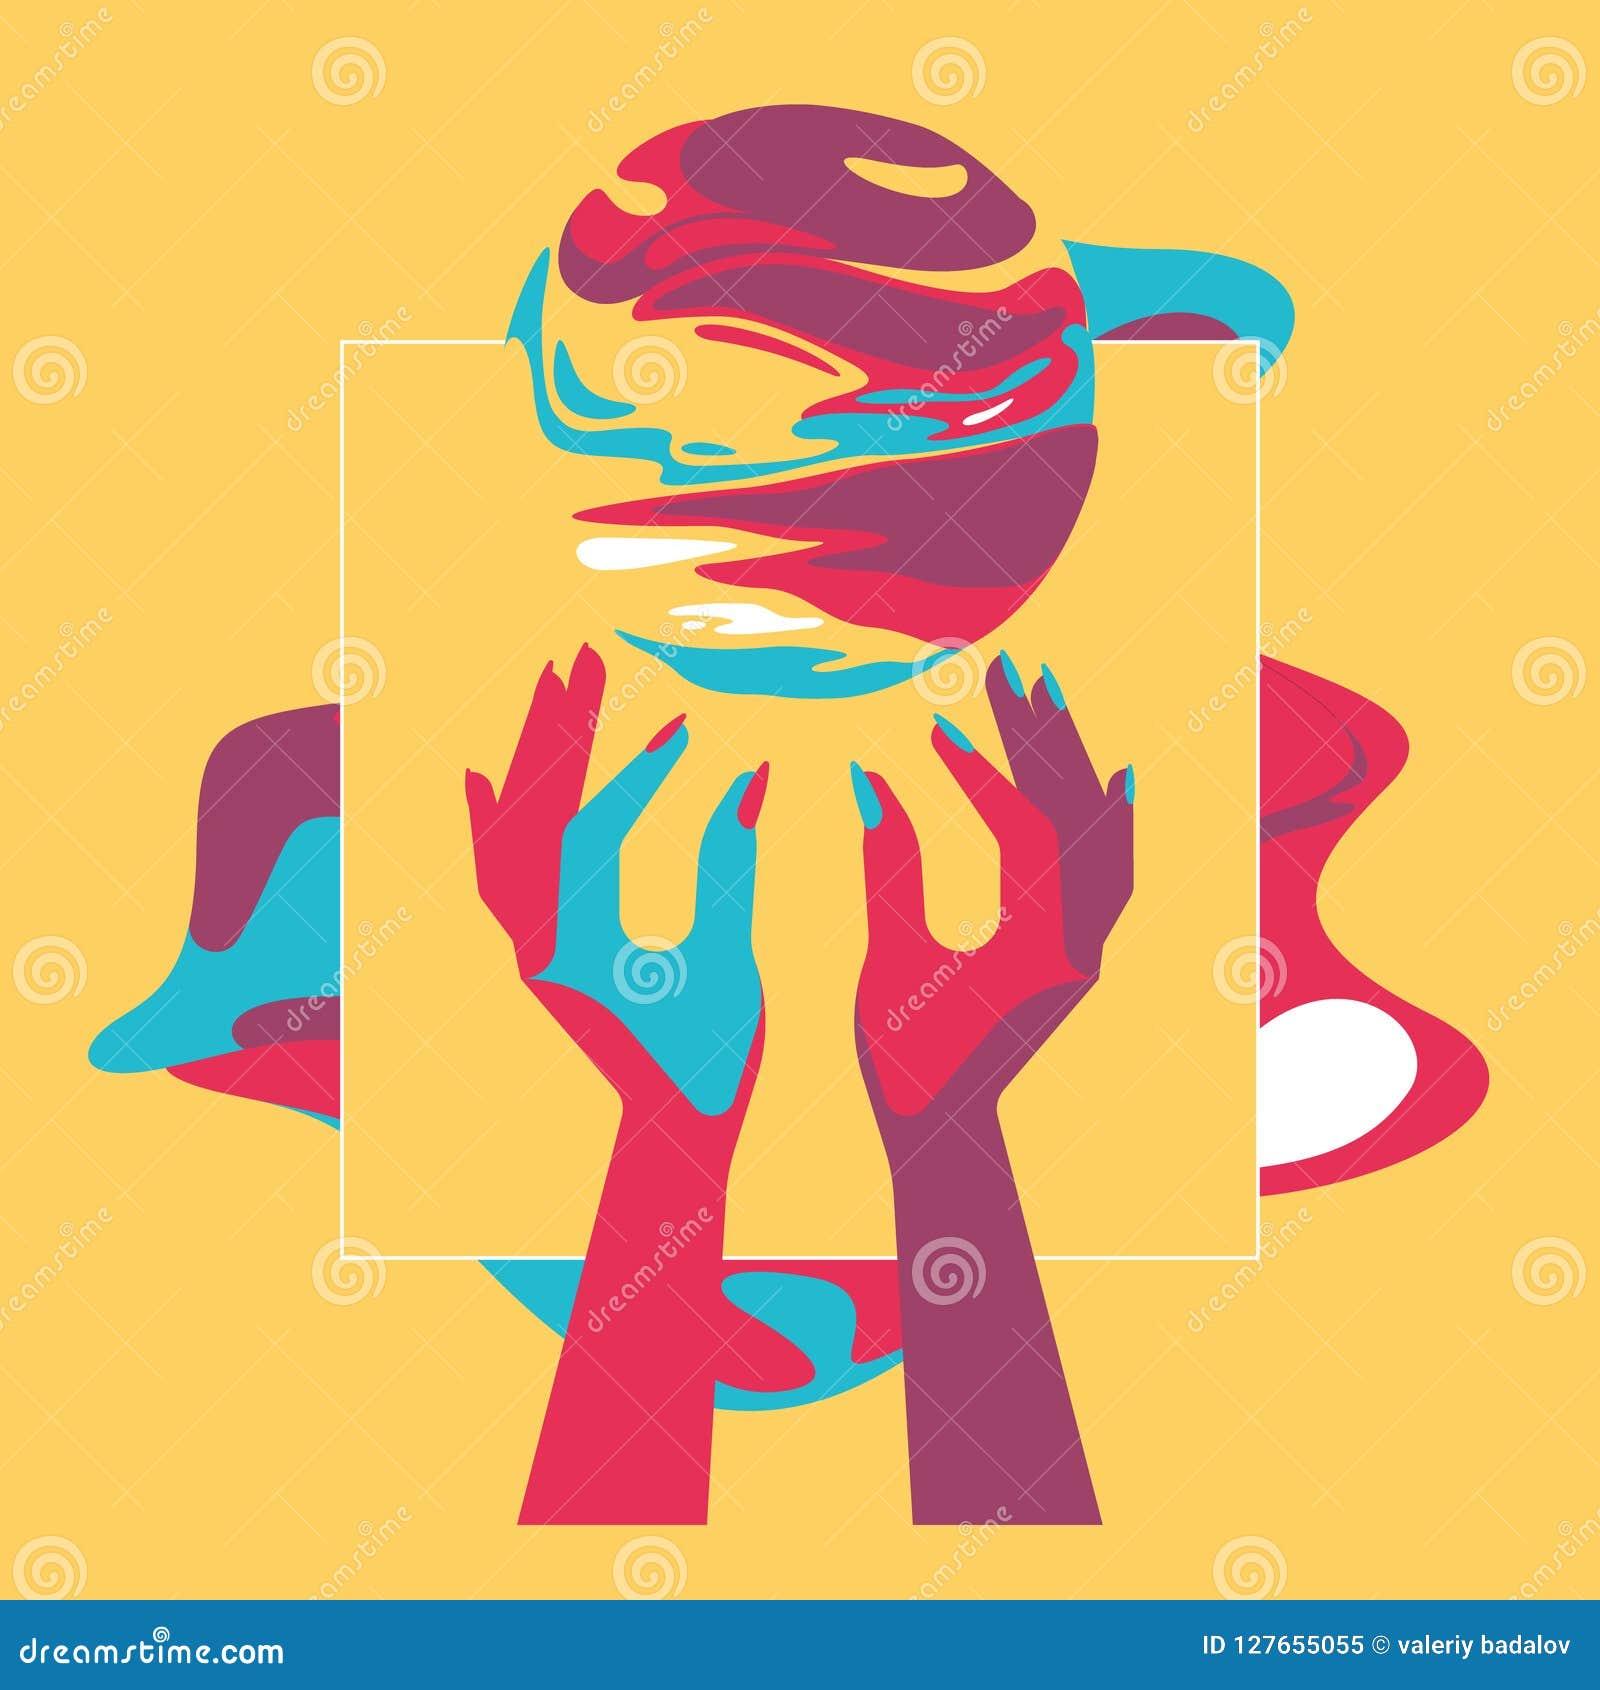 2 руки и шарика фантазии, стиль искусства шипучки, цвета контраста, плоская иллюстрация, Dreamland, выдуманный мир